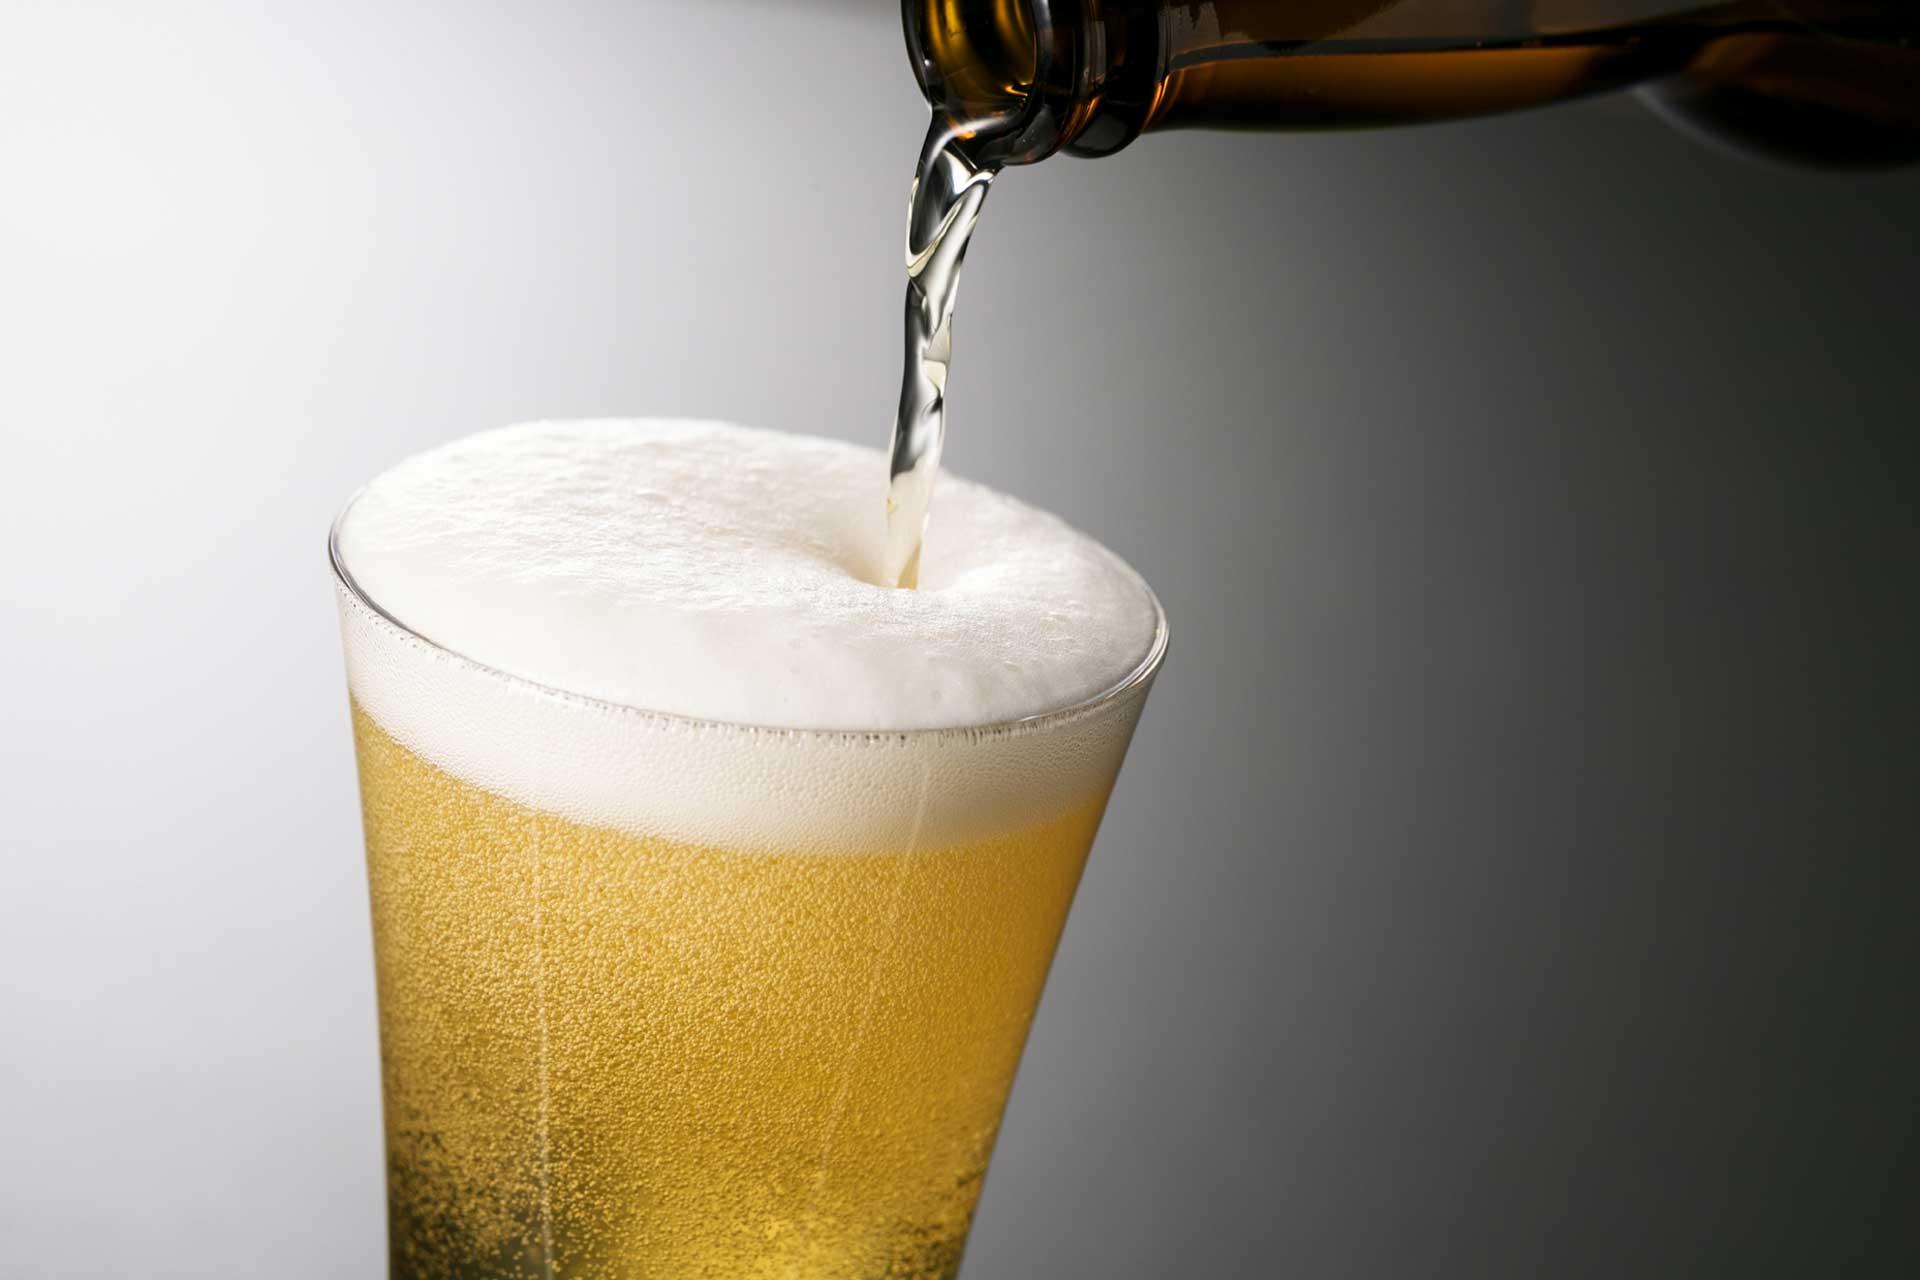 川場ビール(ヴァイツェン)&プレミアムヨーグルト&川場のむヨーグルトの商品詳細イメージ-1355